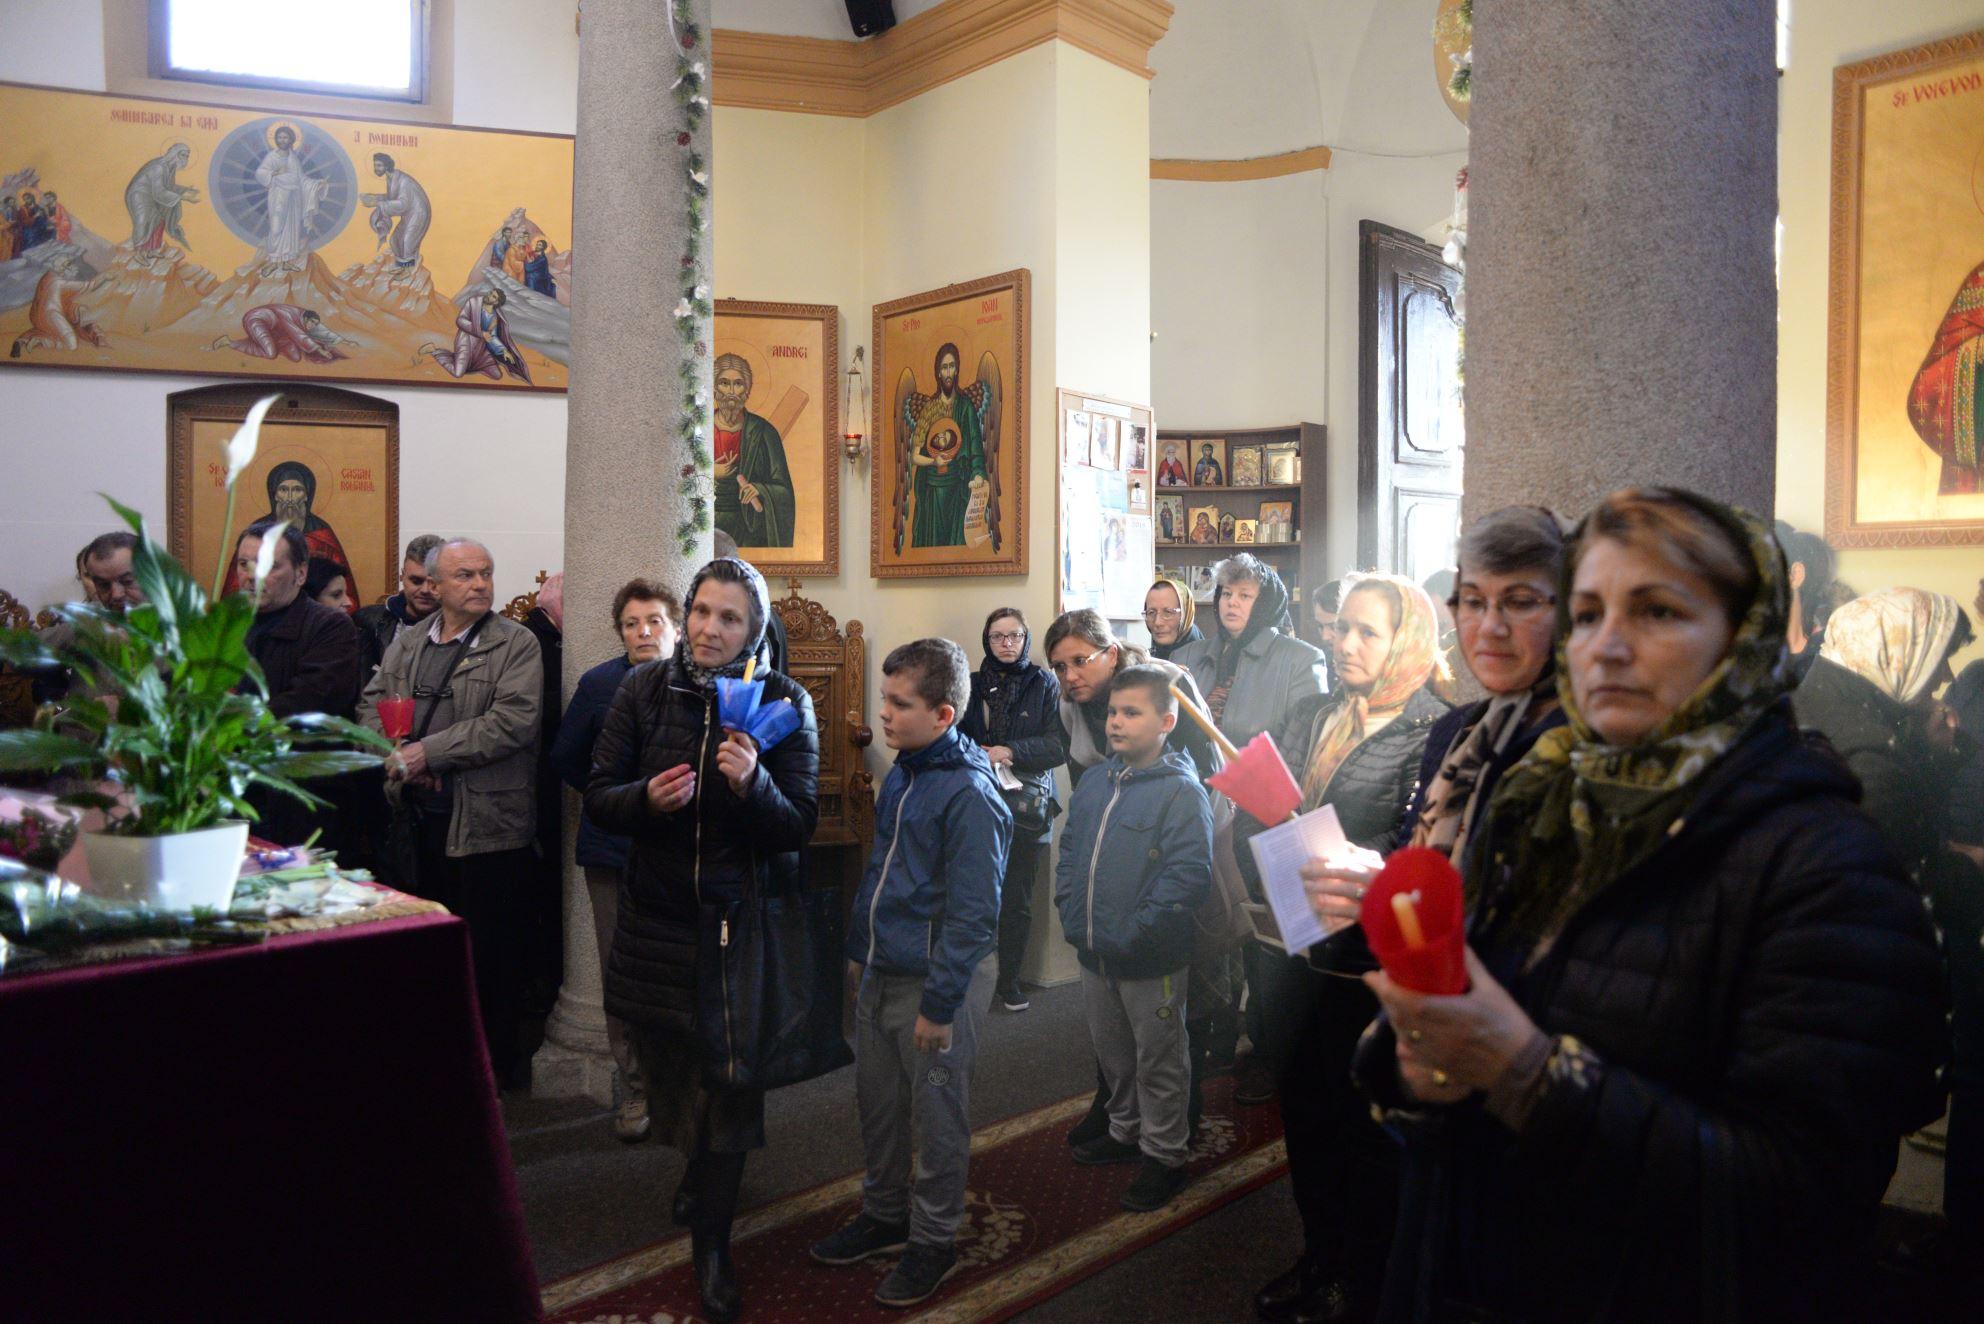 A Monza si celebra la Pasqua ortodossa